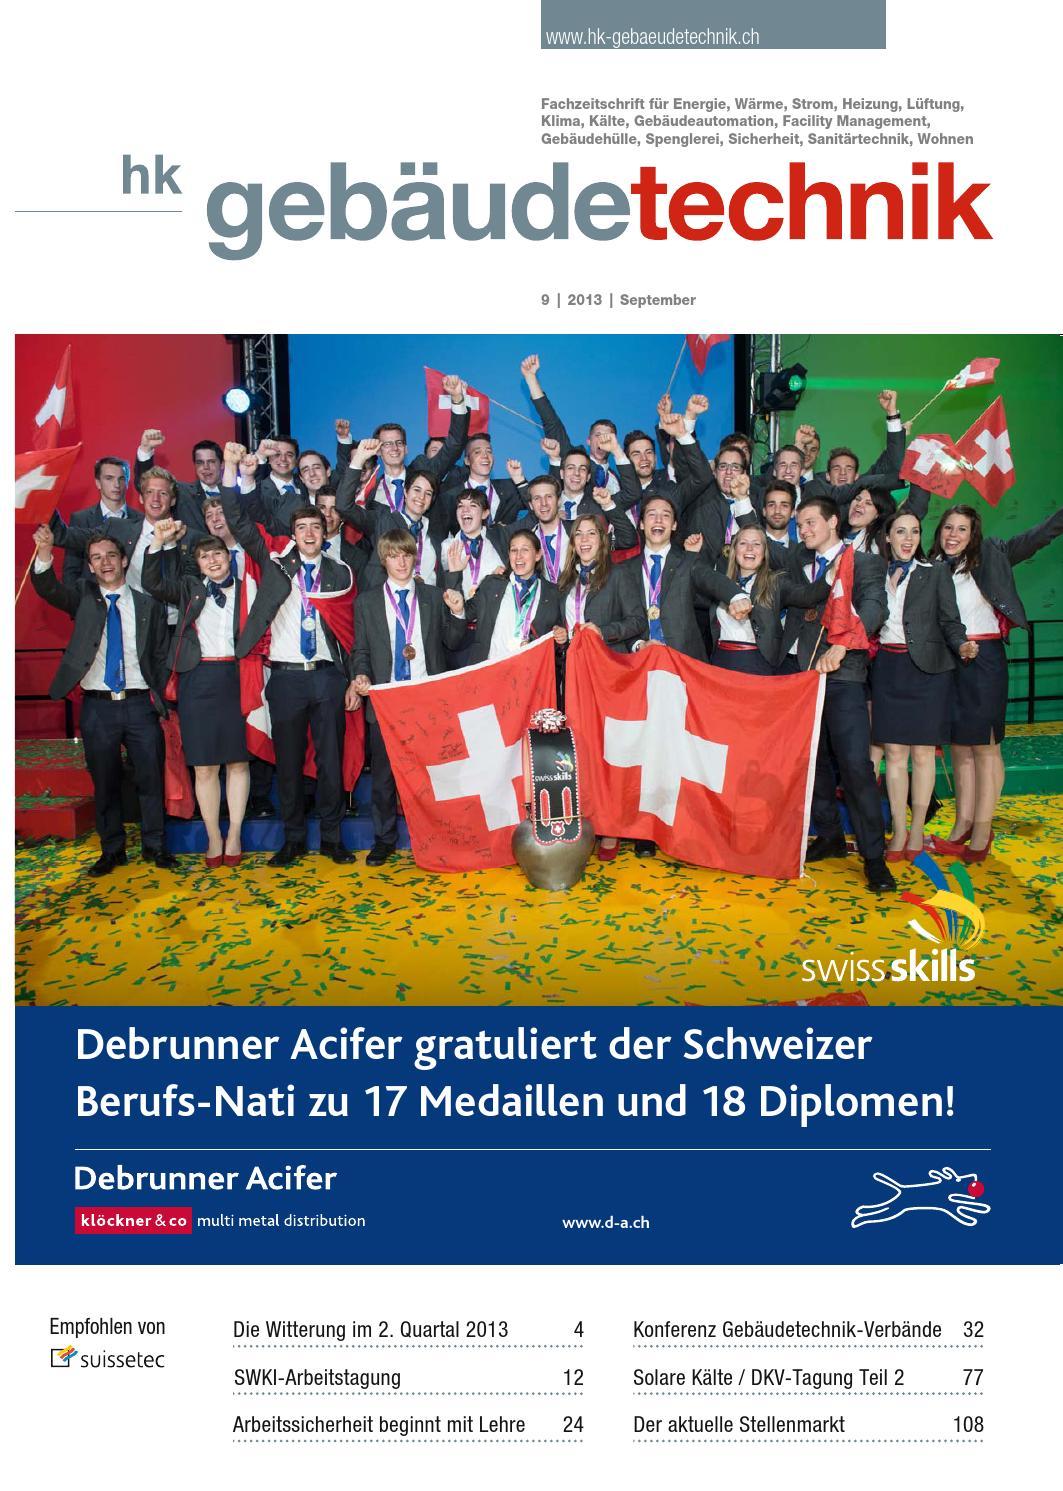 Bunte Bruche - Coopzeitung